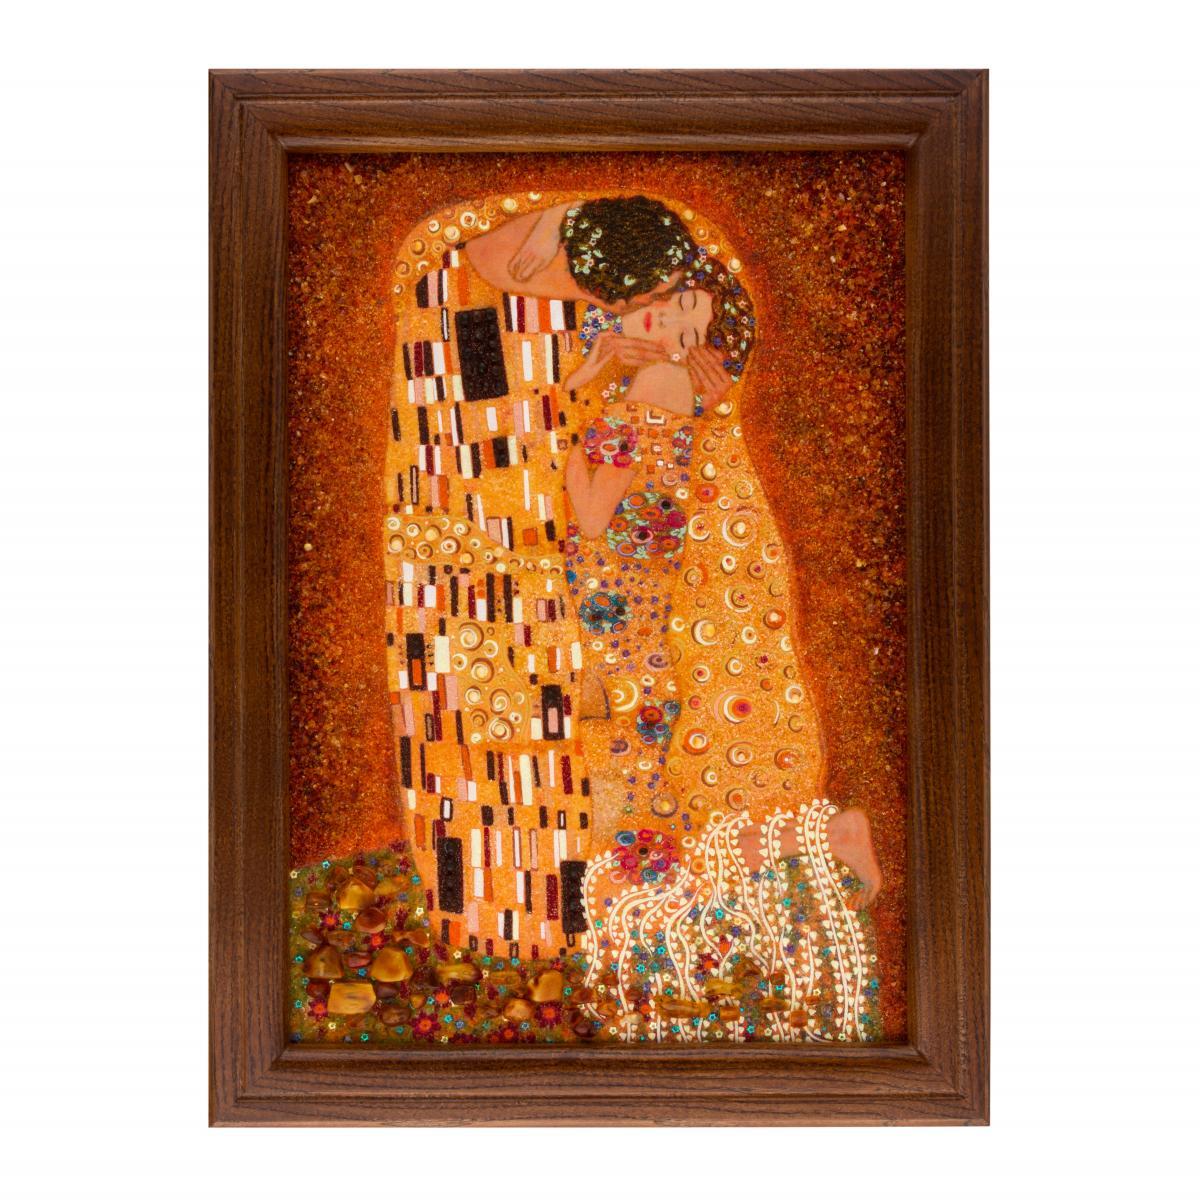 Картина з бурштину Кохання. Фото №1. | Народний дім Україна